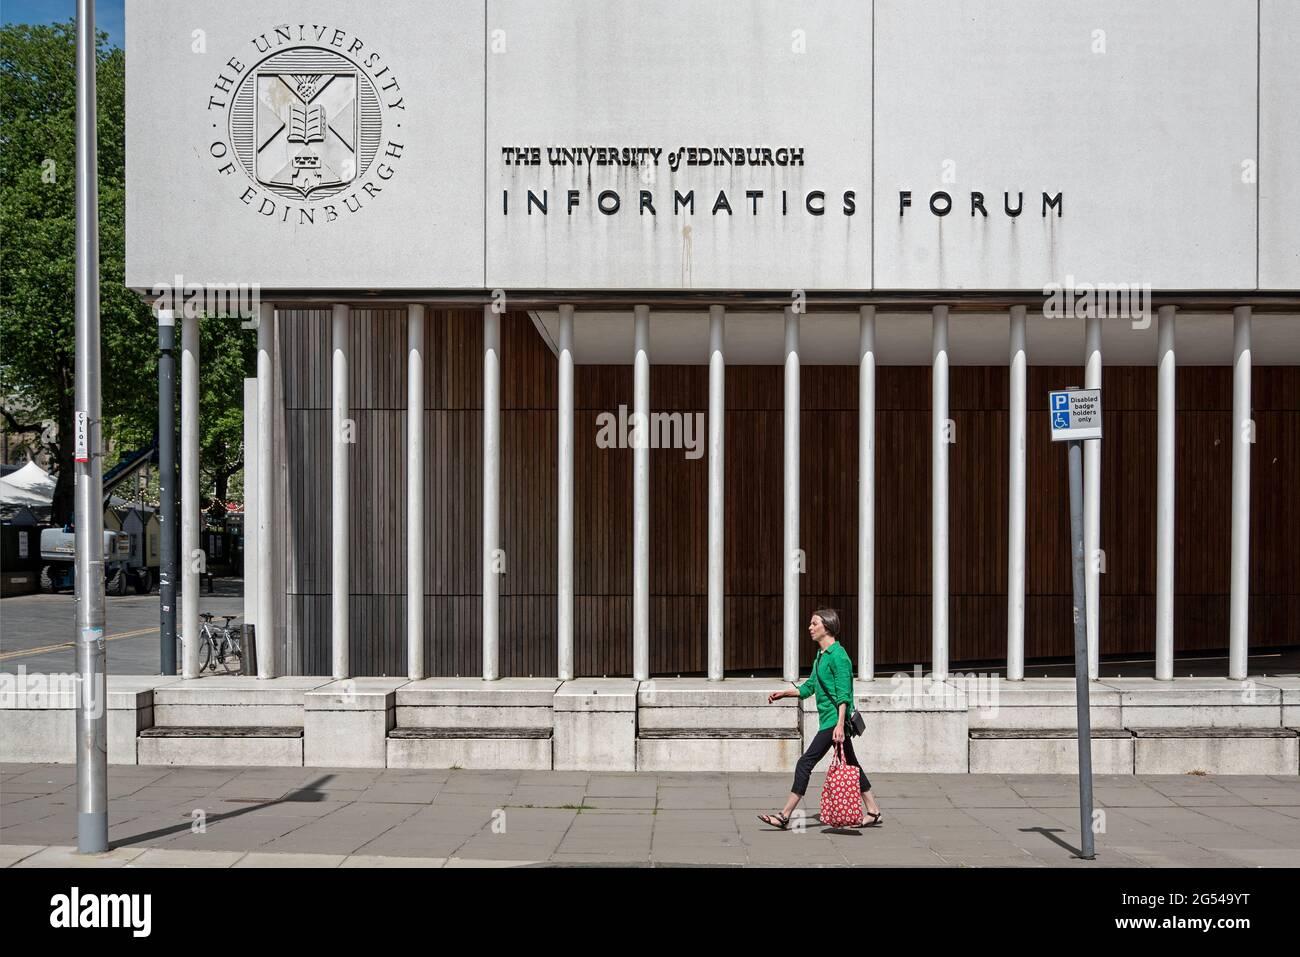 University of Edinburgh Informatics Forum Building à Potterrow, Édimbourg, Écosse, Royaume-Uni Banque D'Images